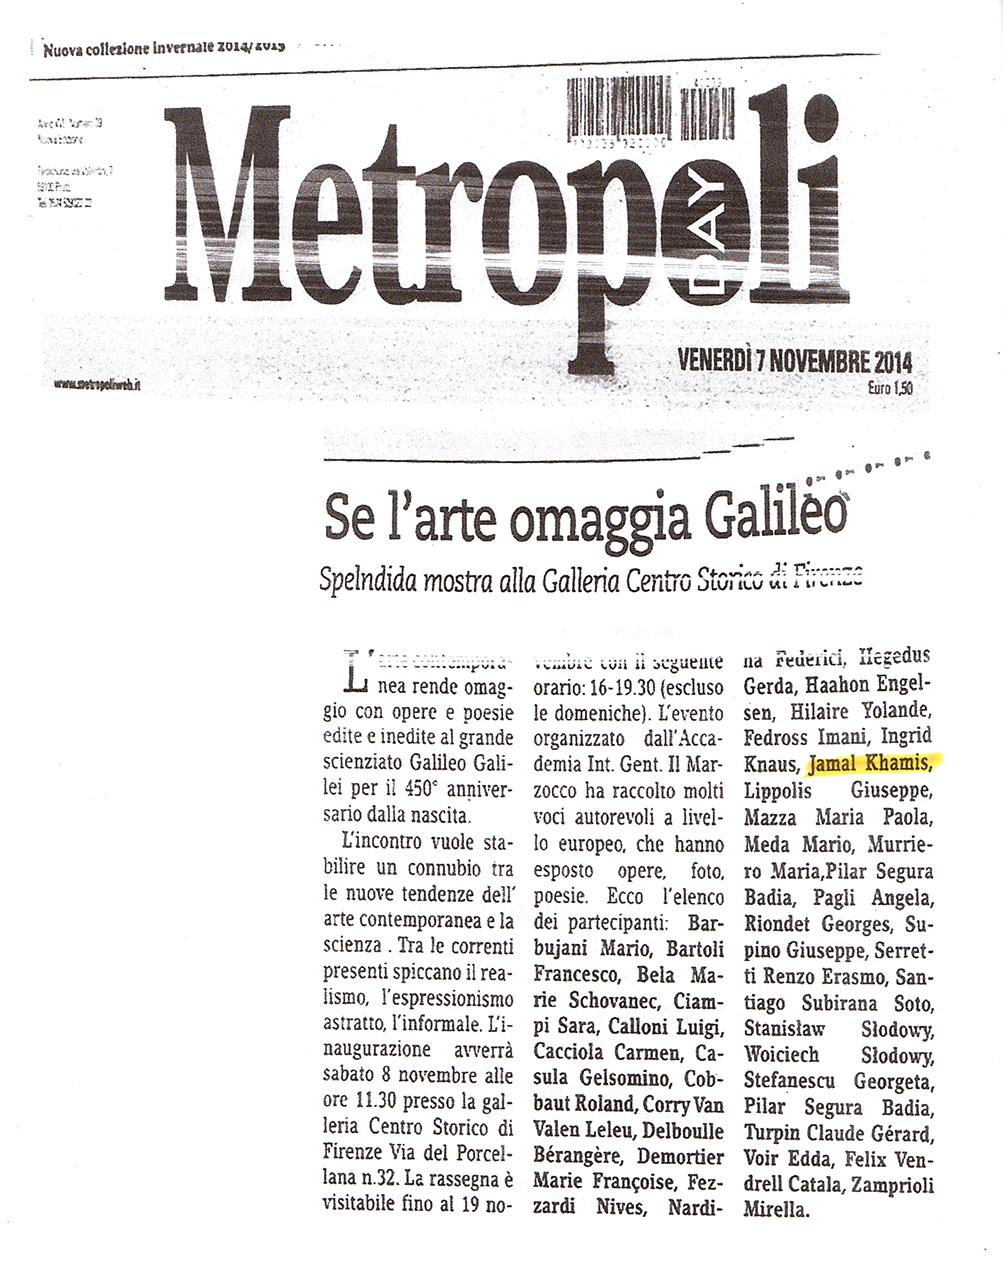 Metropoli - Se l'arte omaggia Galileo.jpg